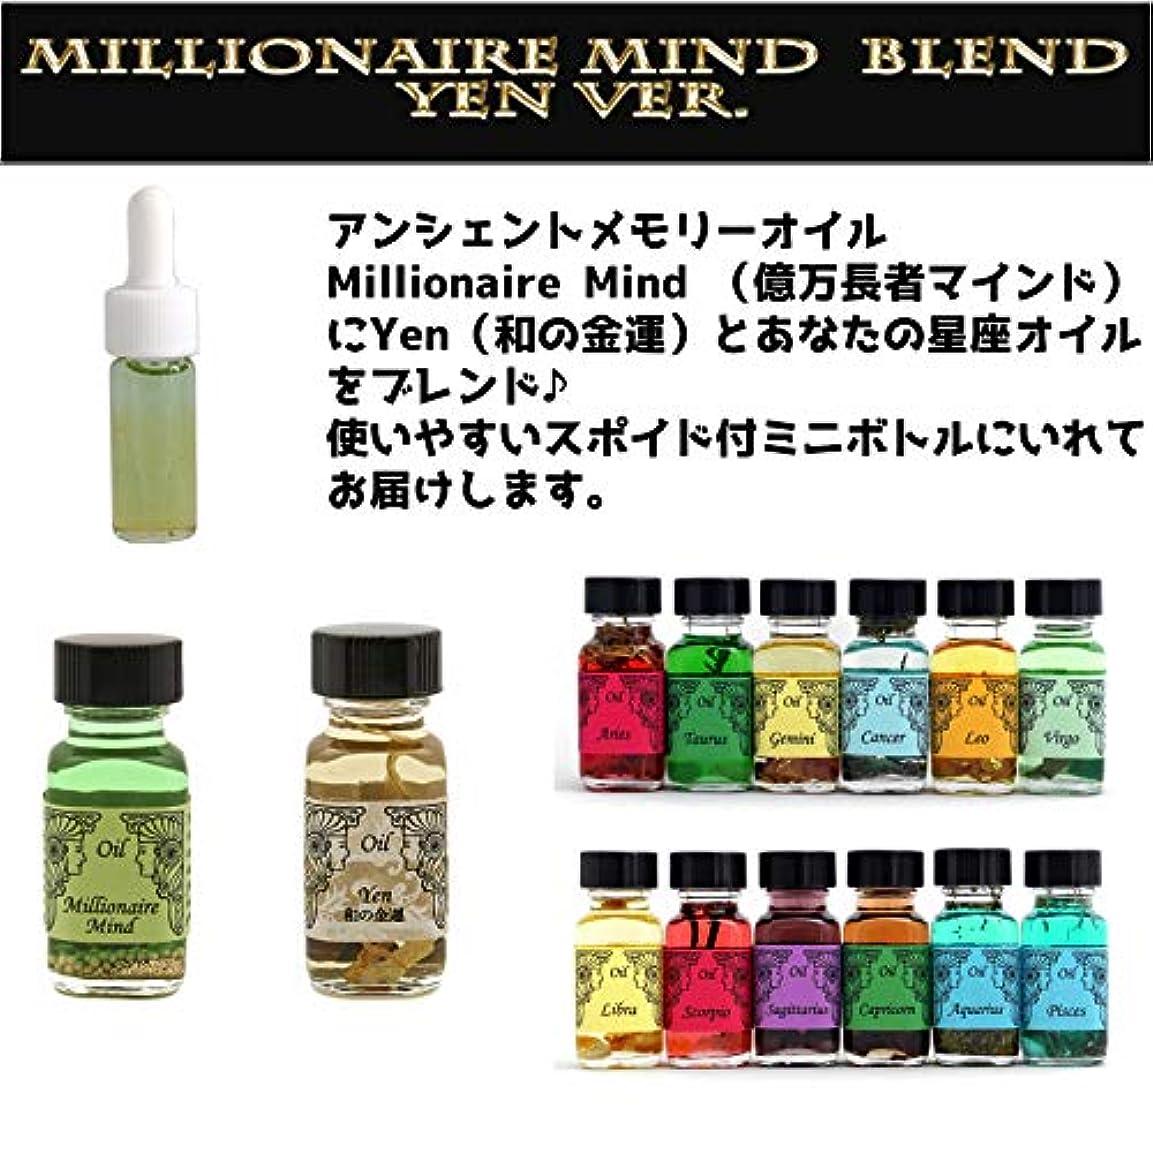 に肥料頭蓋骨アンシェントメモリーオイル Millionaire Mind 億万長者マインド ブレンド【Yen 和の金運&しし座】